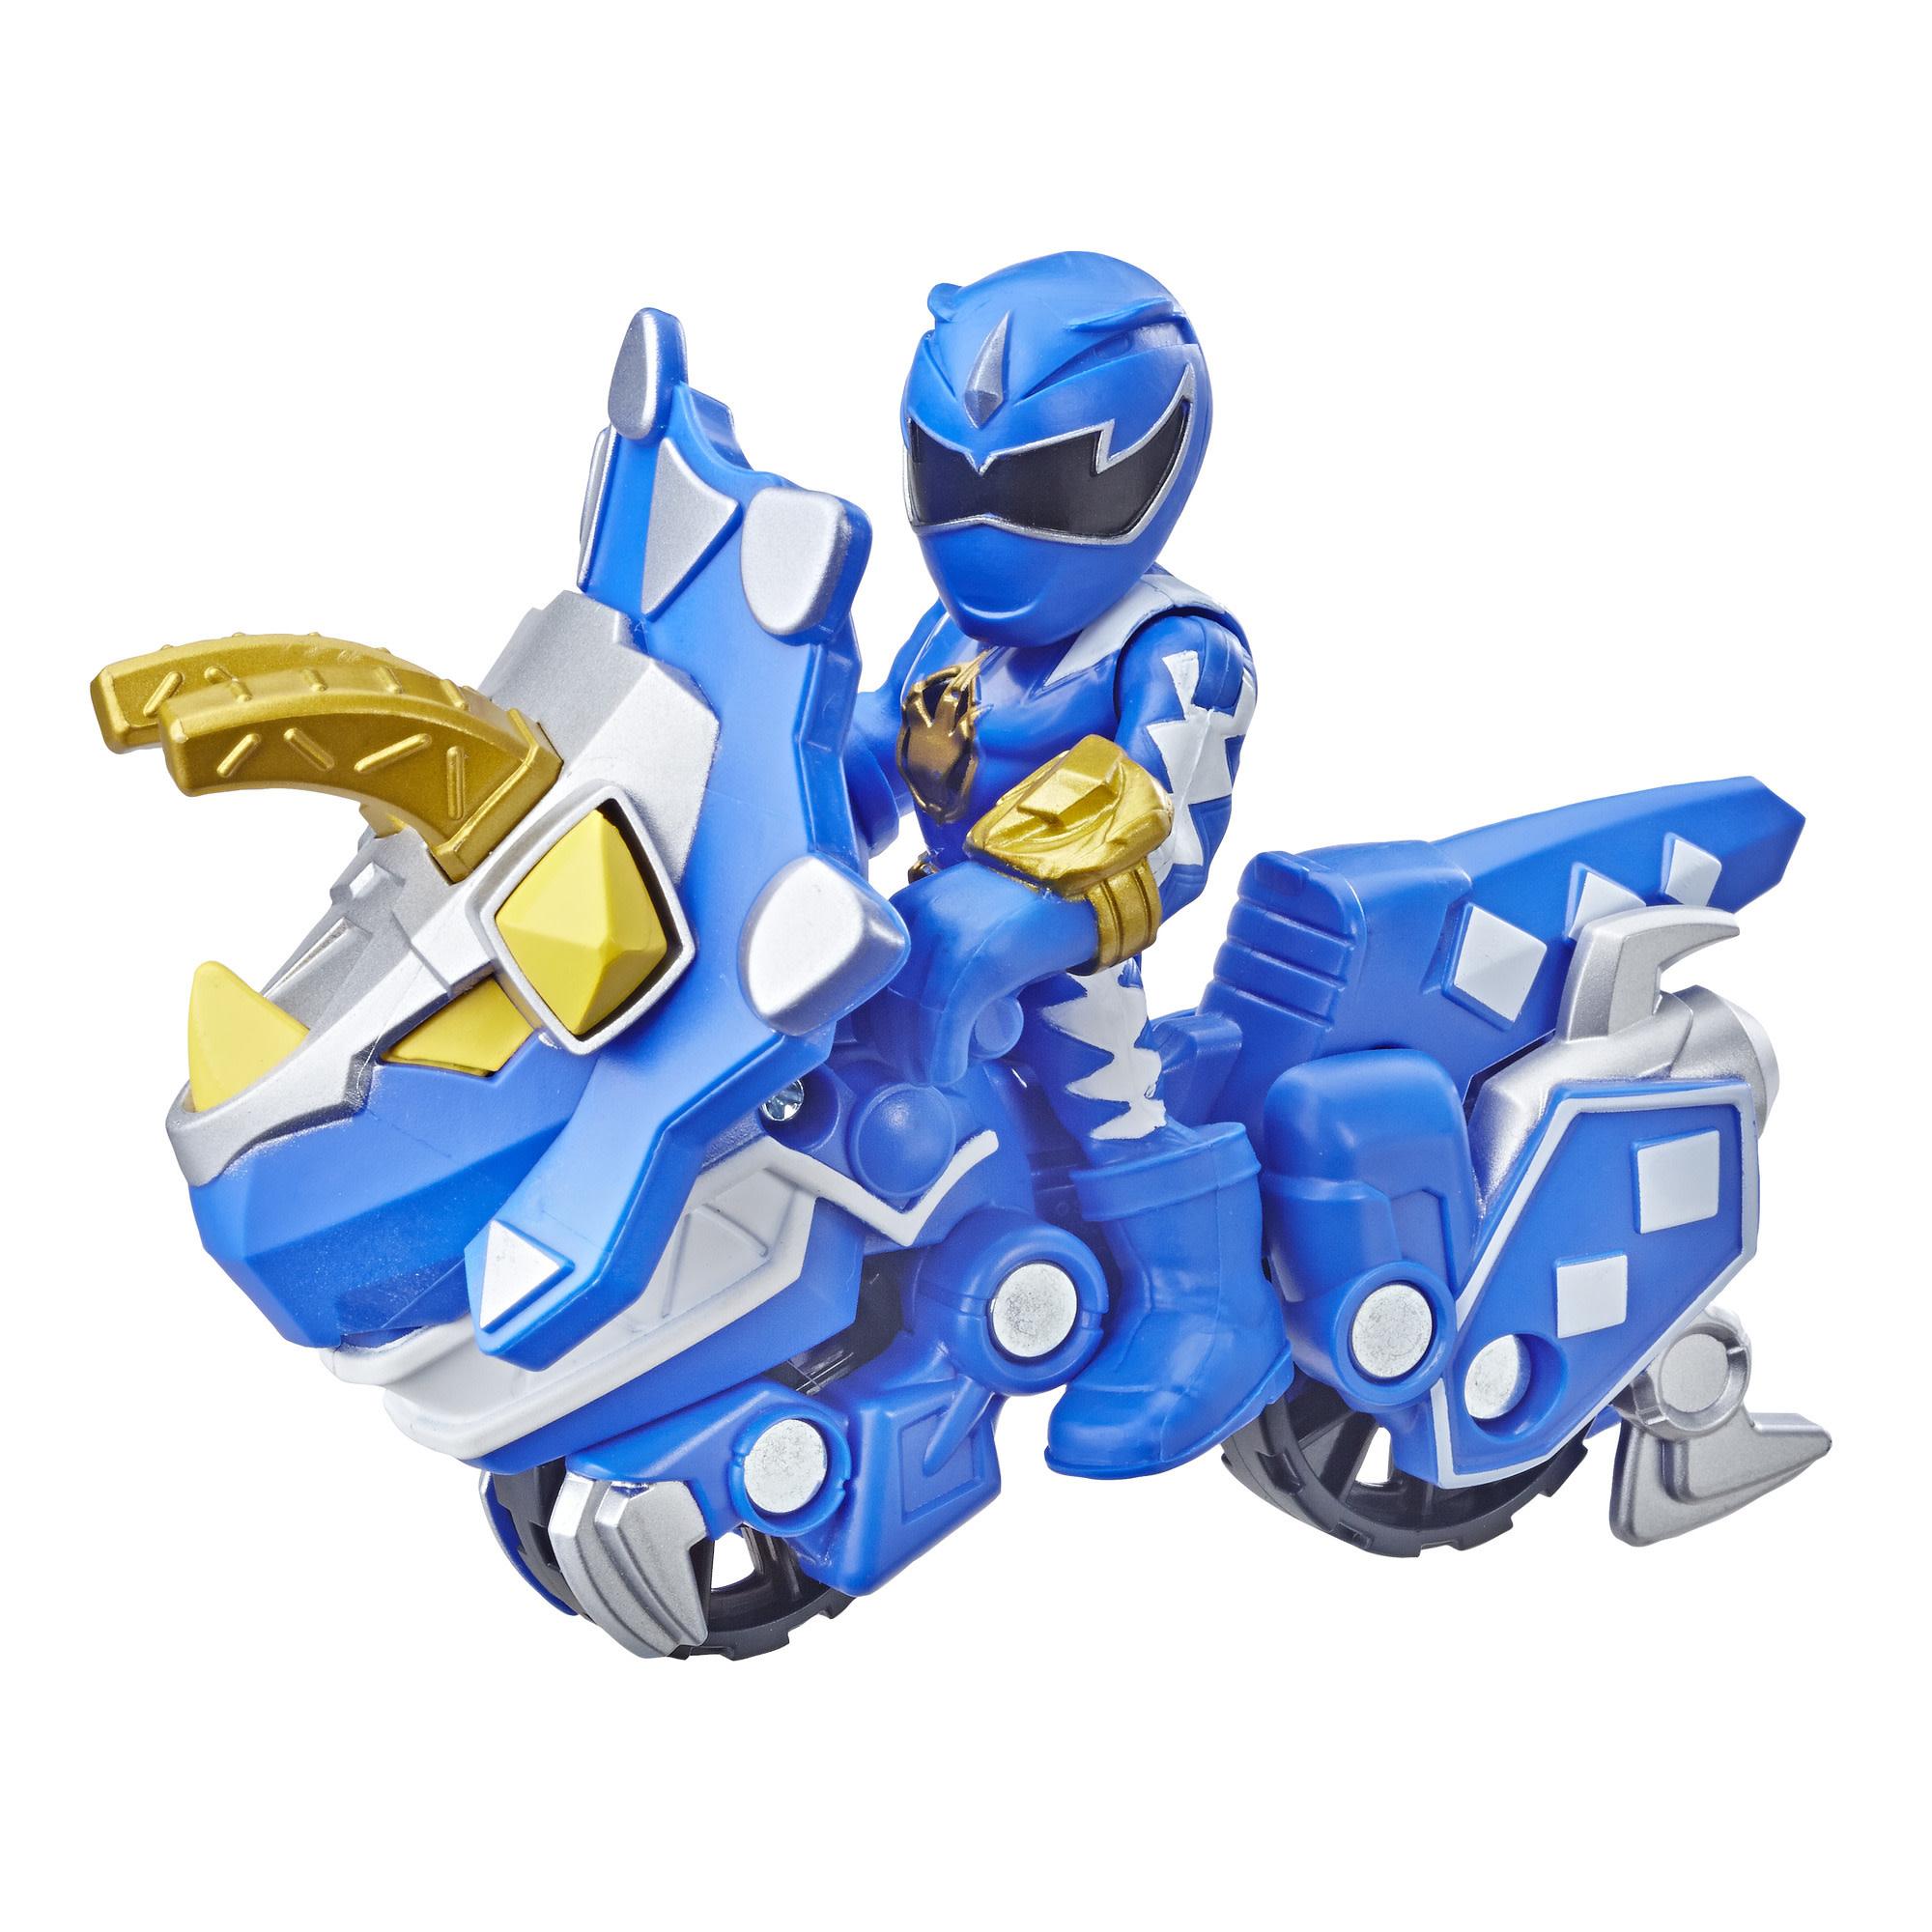 Hasbro Playskool Heroes Power Rangers: Blue Ranger and Raptor Cycle